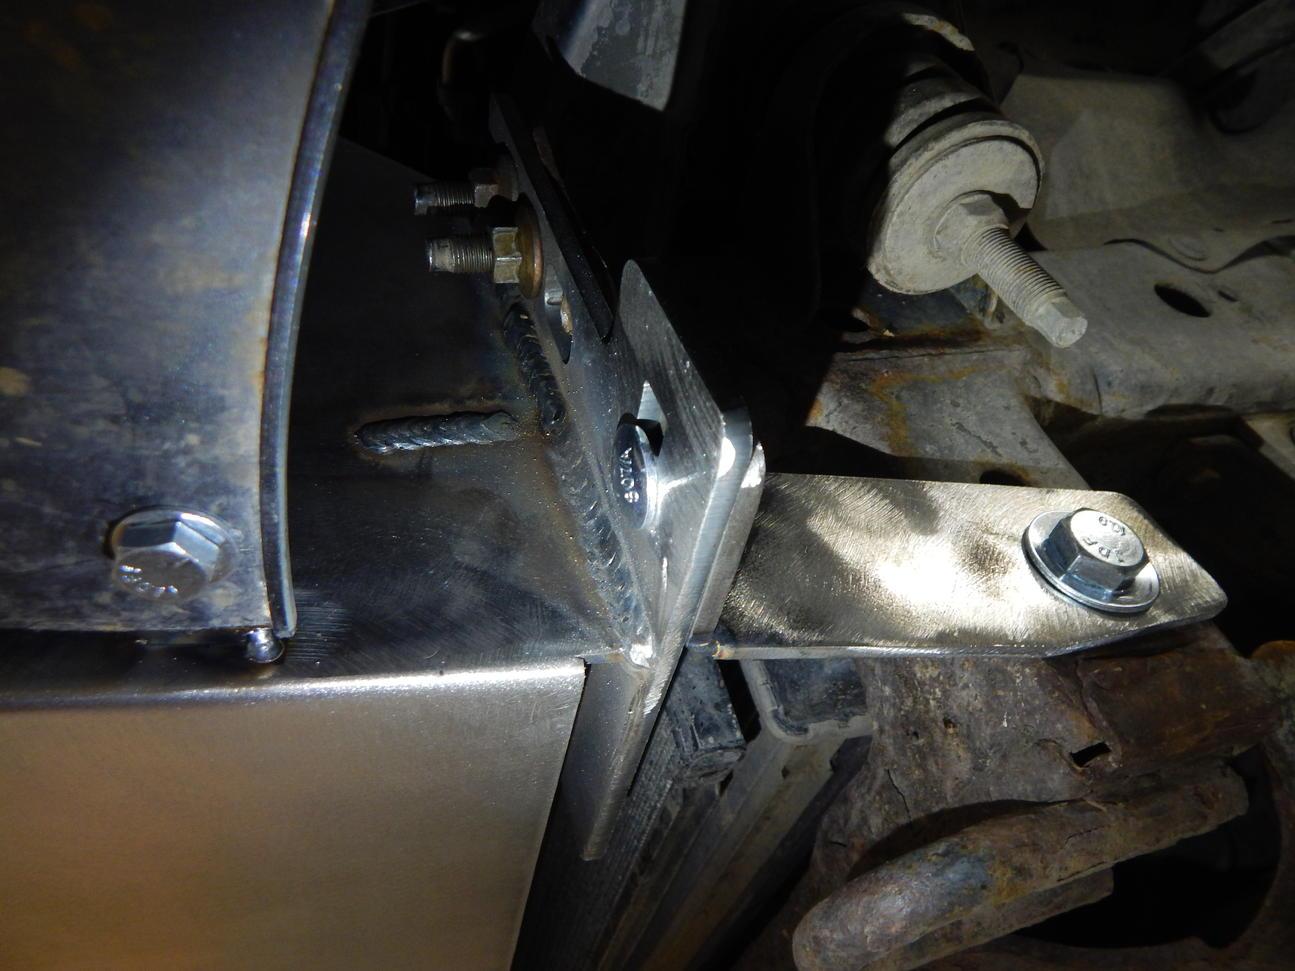 C4 FAB early 4th gen (03-05) Lo-Pro winch bumper install guide.-dscn4477-jpg